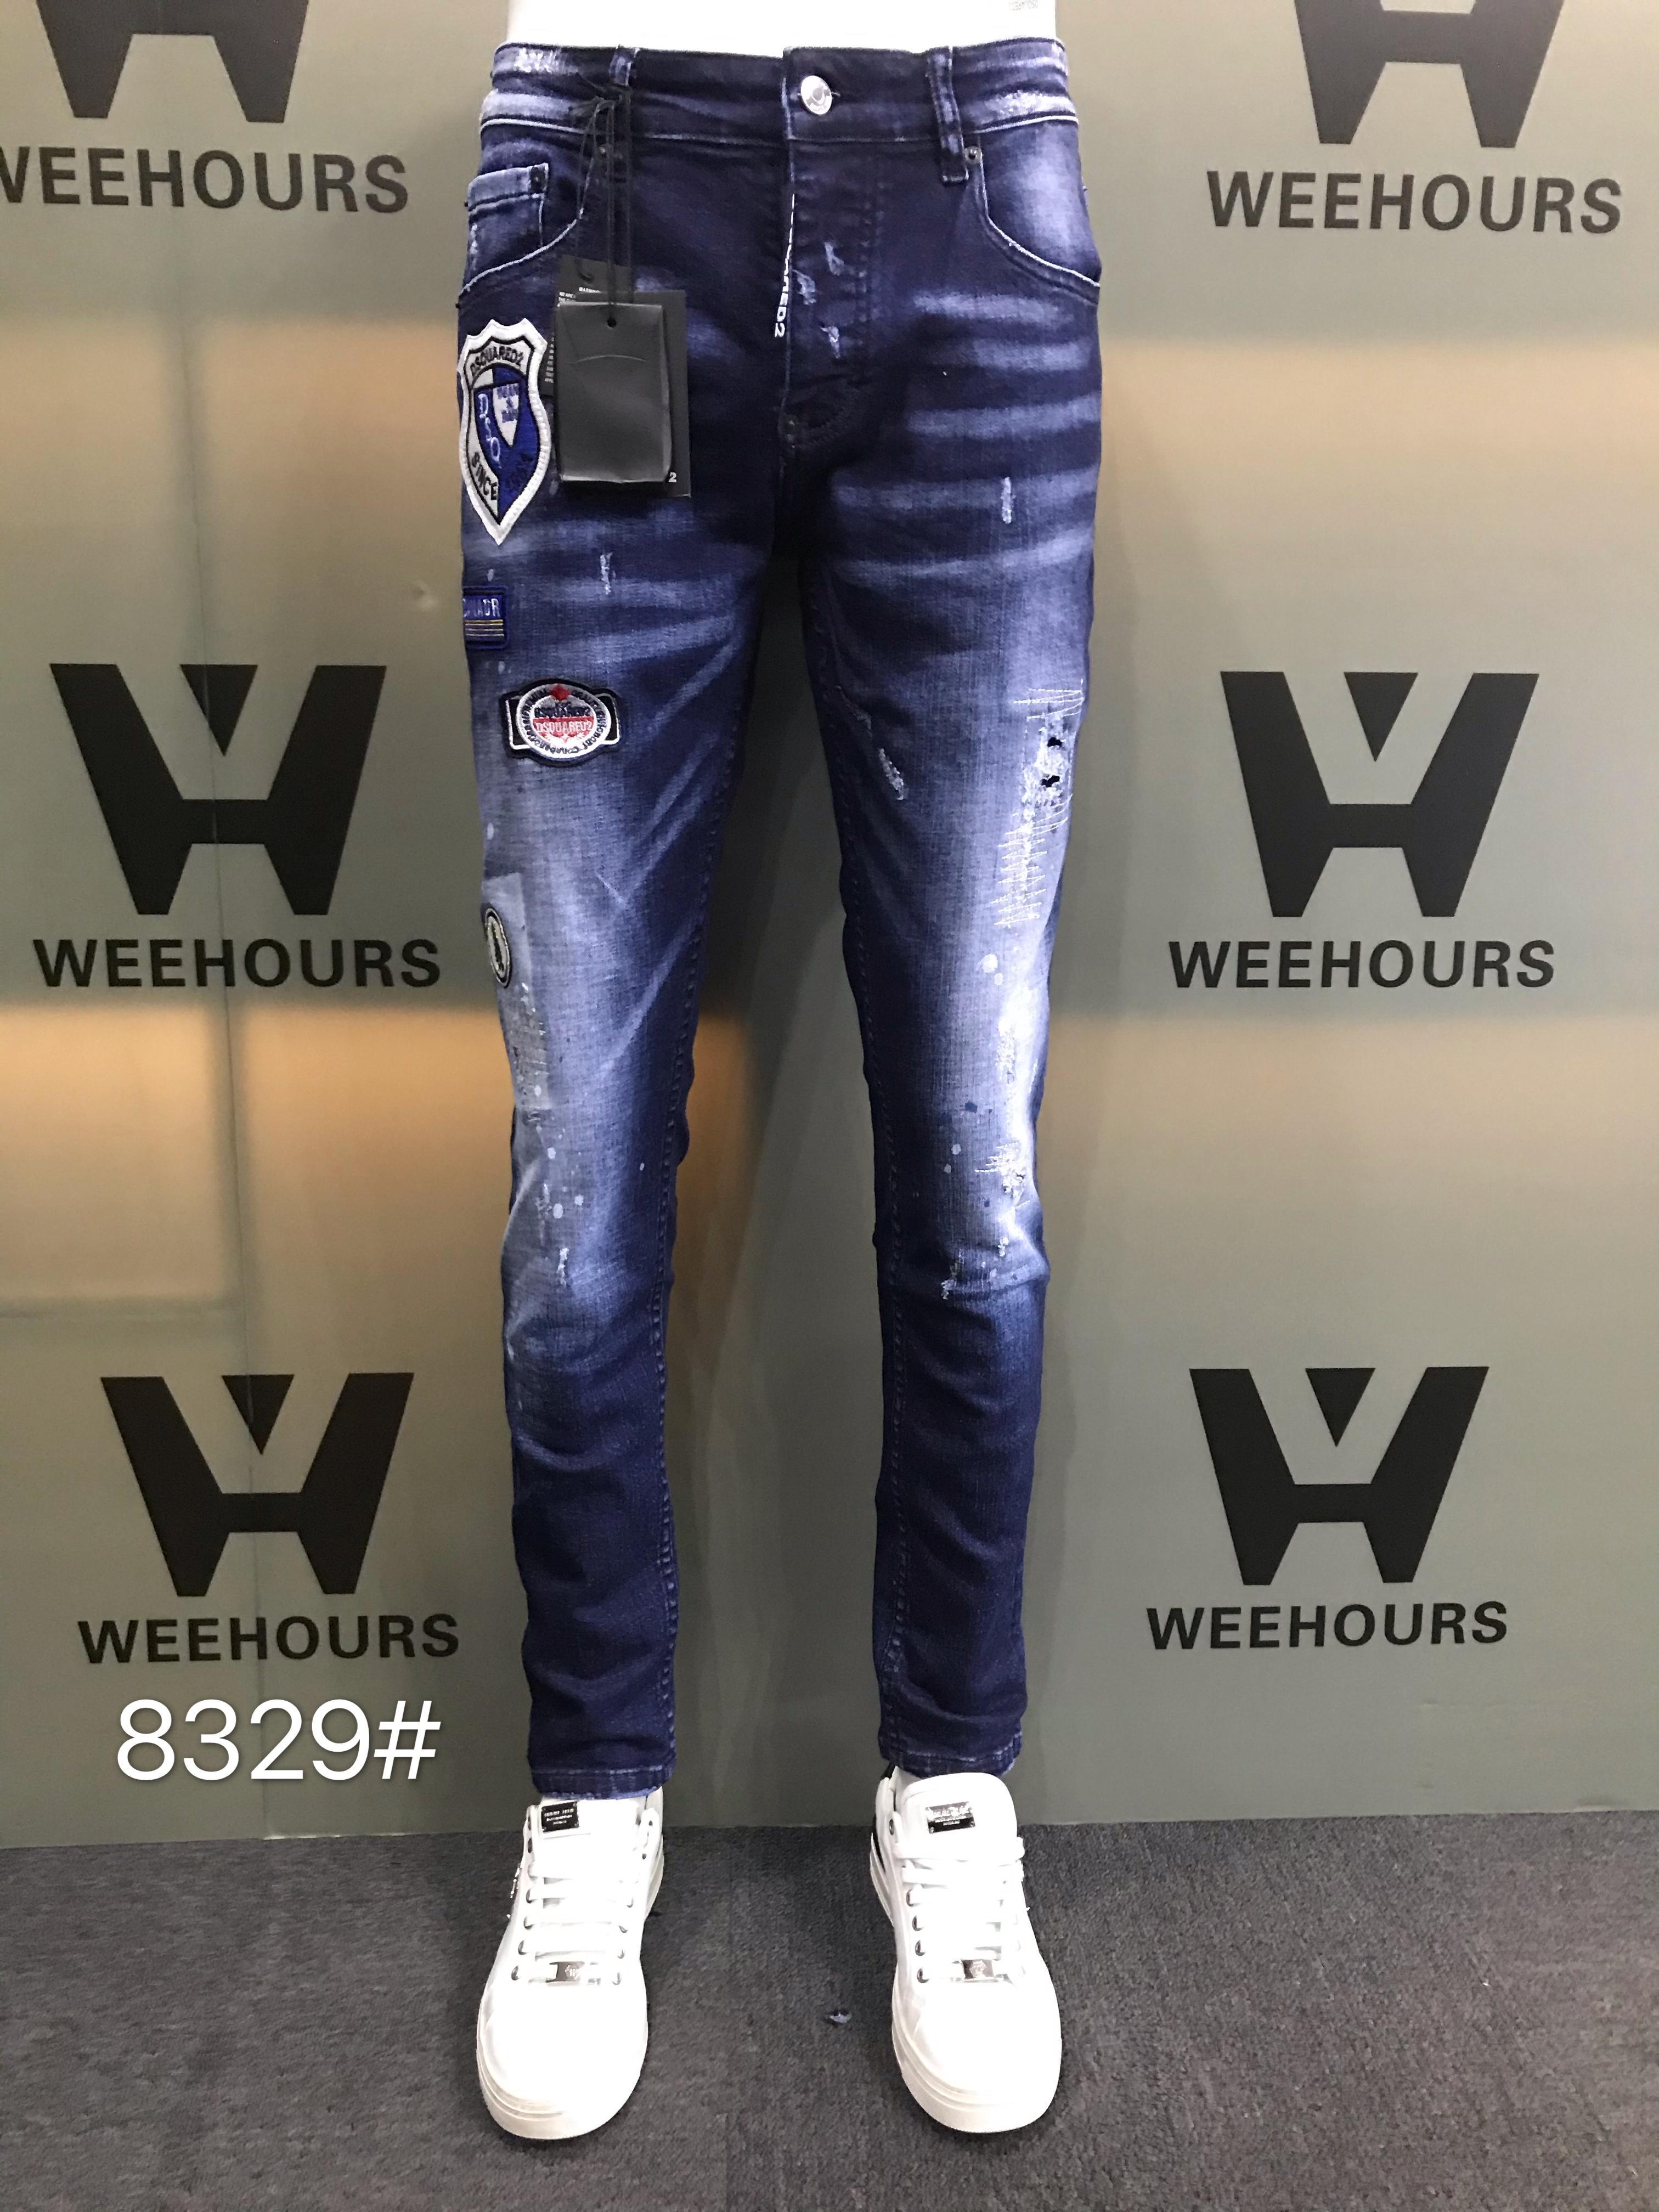 Оптовая мужская тощая прямая стройная эластичная джинсовая ткань Biker джинсы брюки длинные брюки стильные прямые тонкие пригодные джинсы 8329-8331